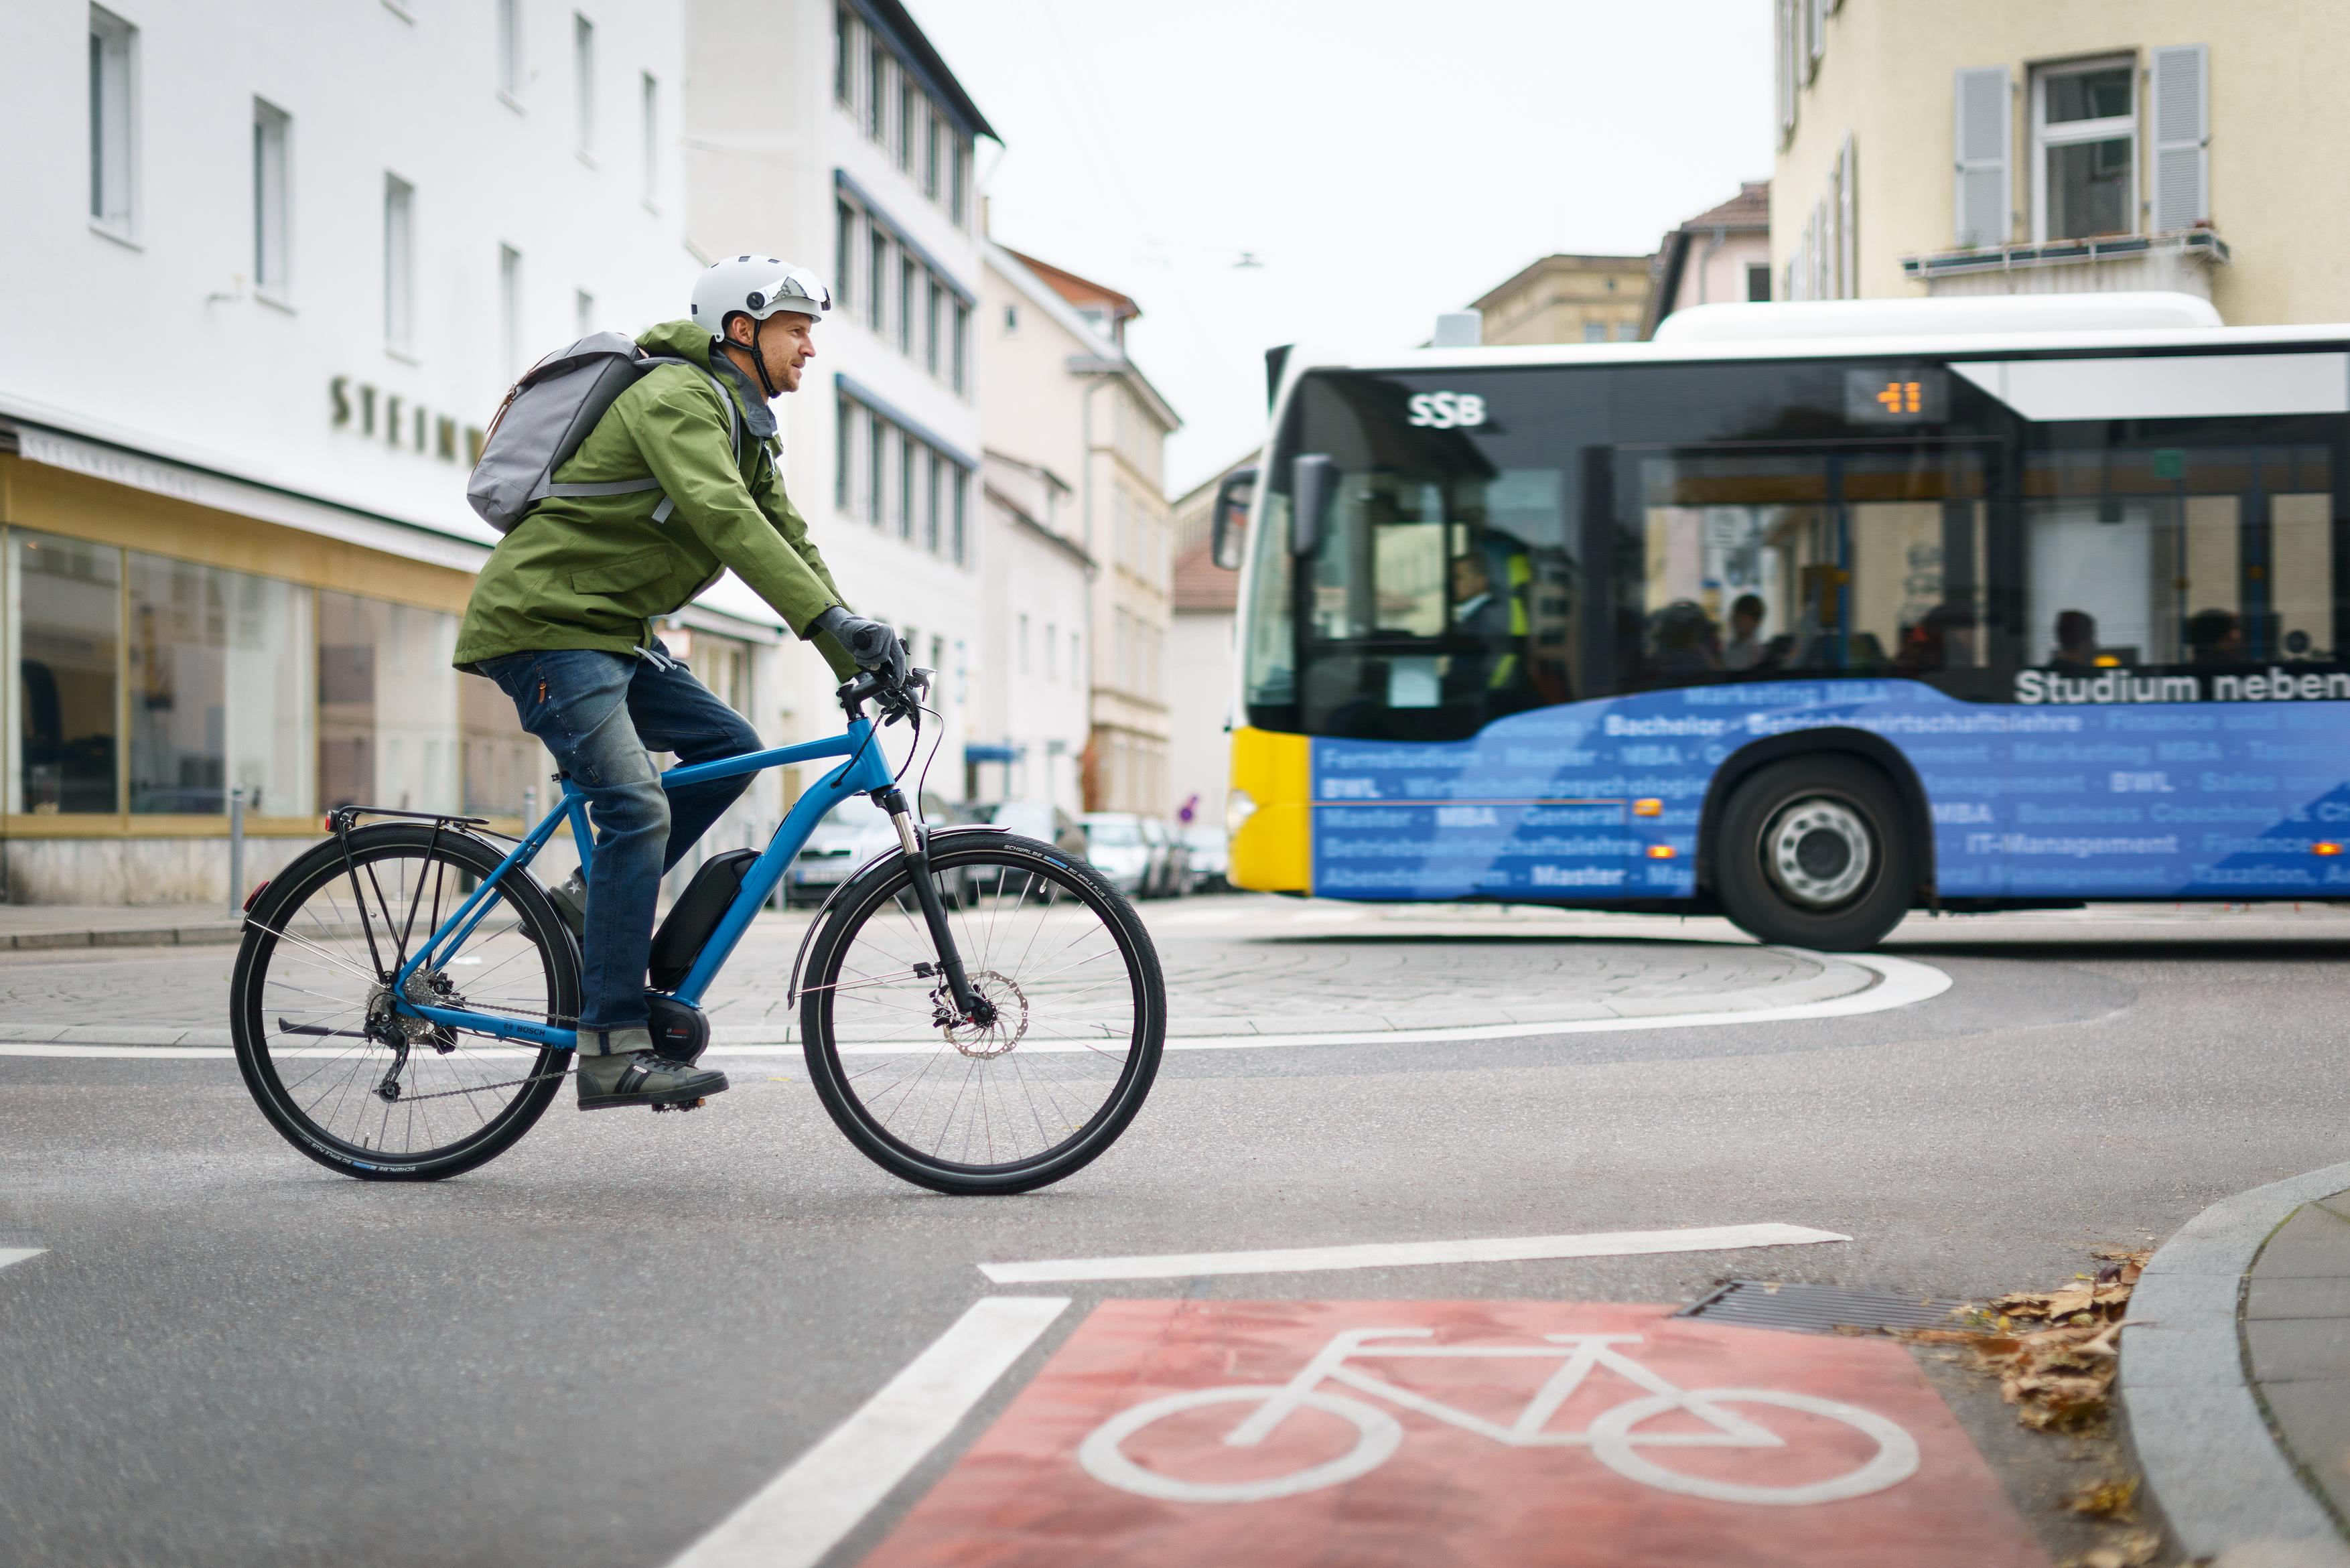 Řízení mobility společnosti: Lepší kvalita ovzduší v aglomeracích